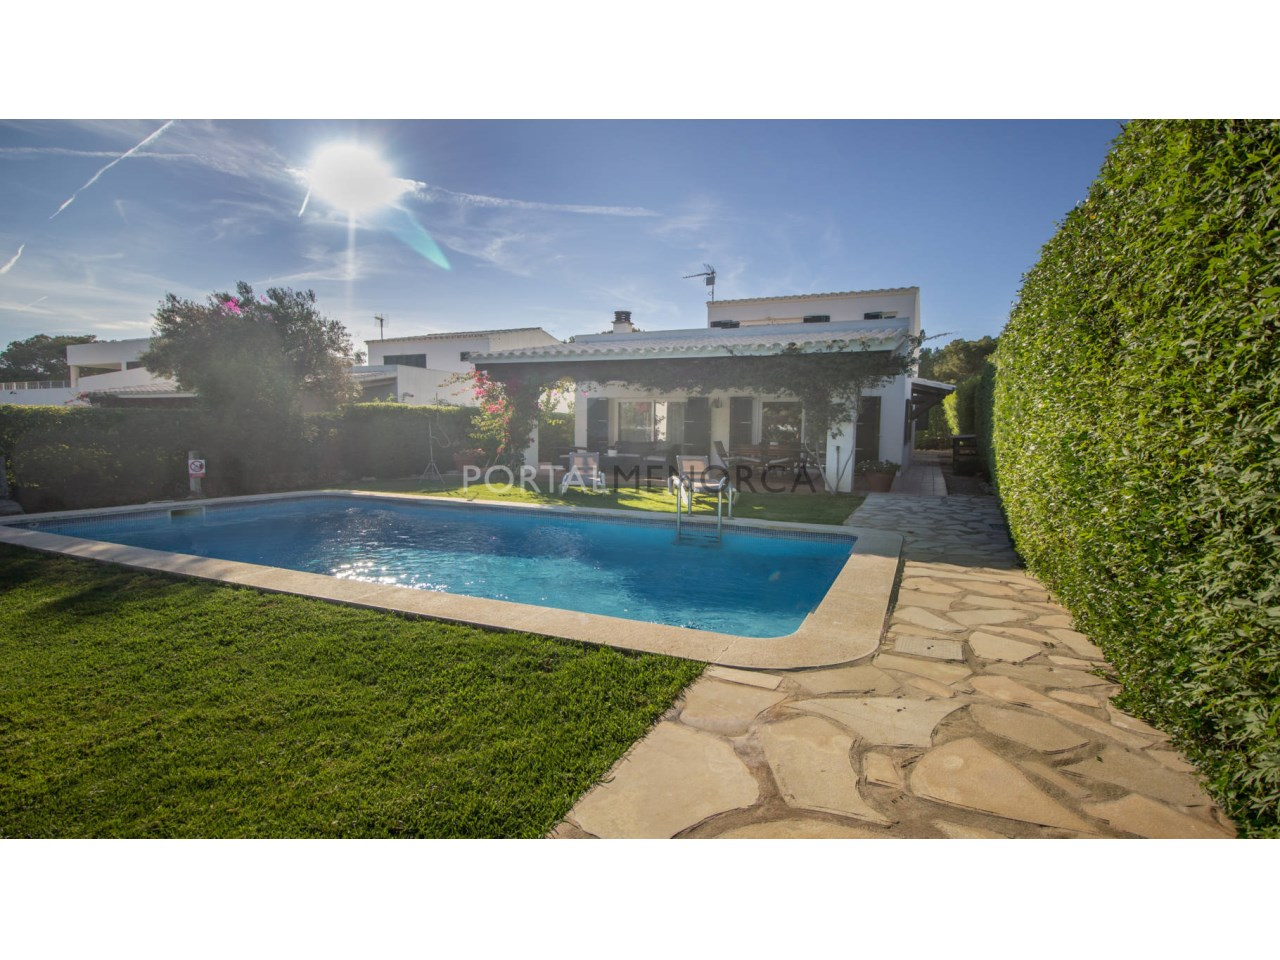 Chalet en venta con piscina y jardín en Menorca